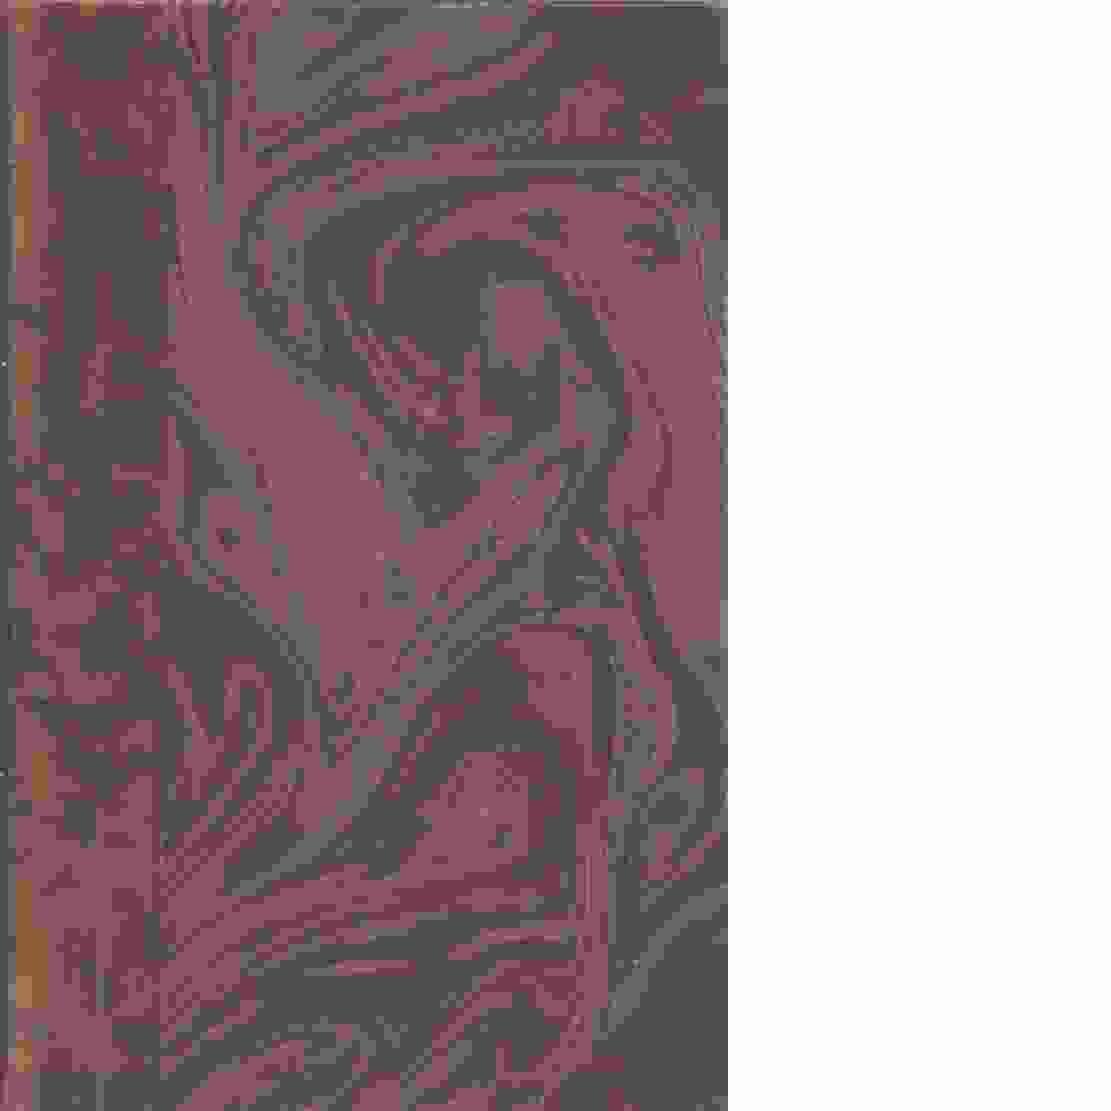 Världslitteraturen : de stora mästerverken. [36], Förlorade illusioner, I - Honoré de Balzac